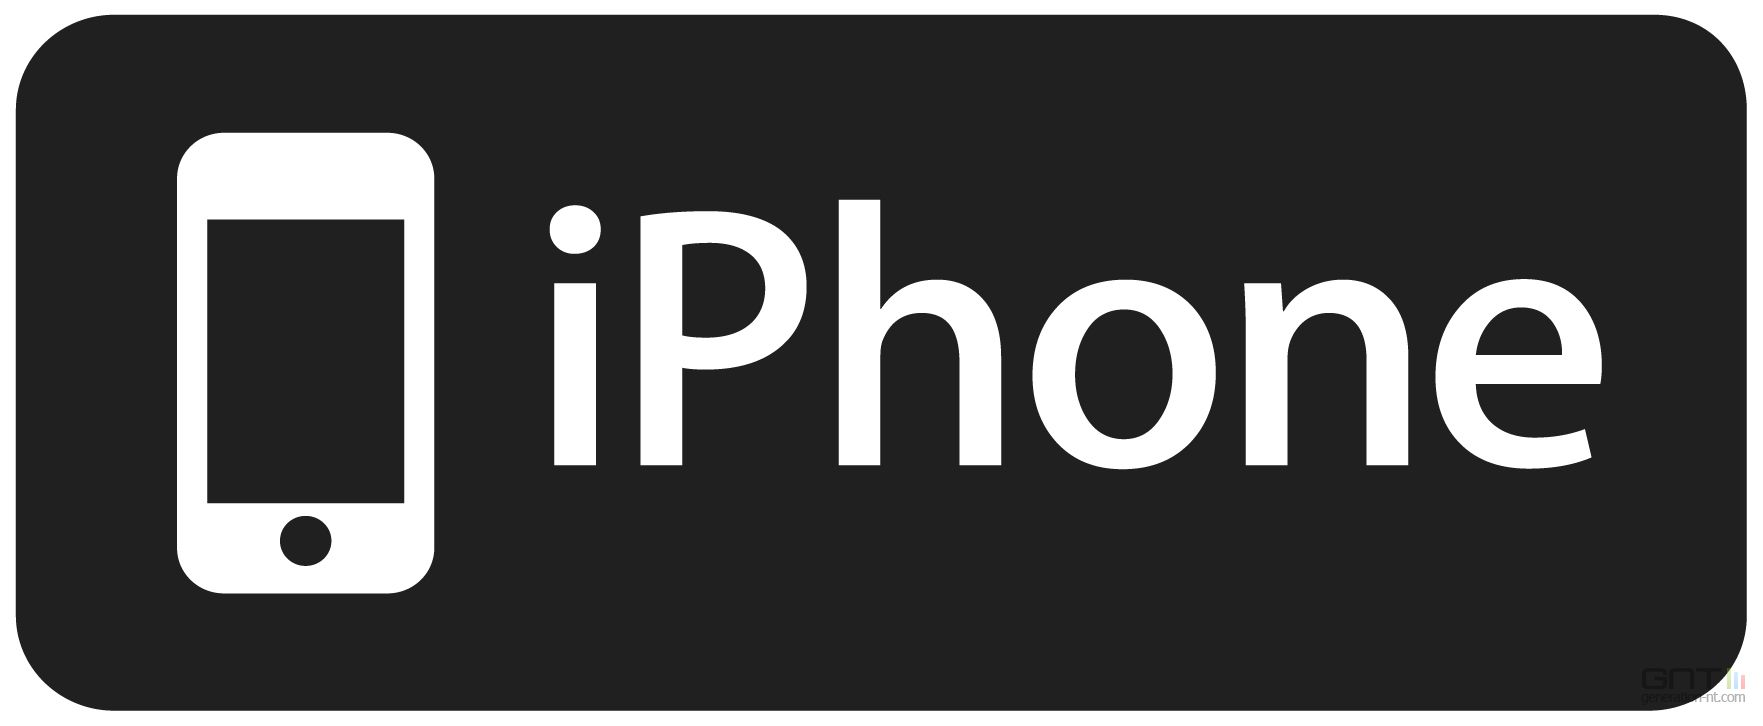 iPhone : présentation des nouveaux modèles le 12 septembre